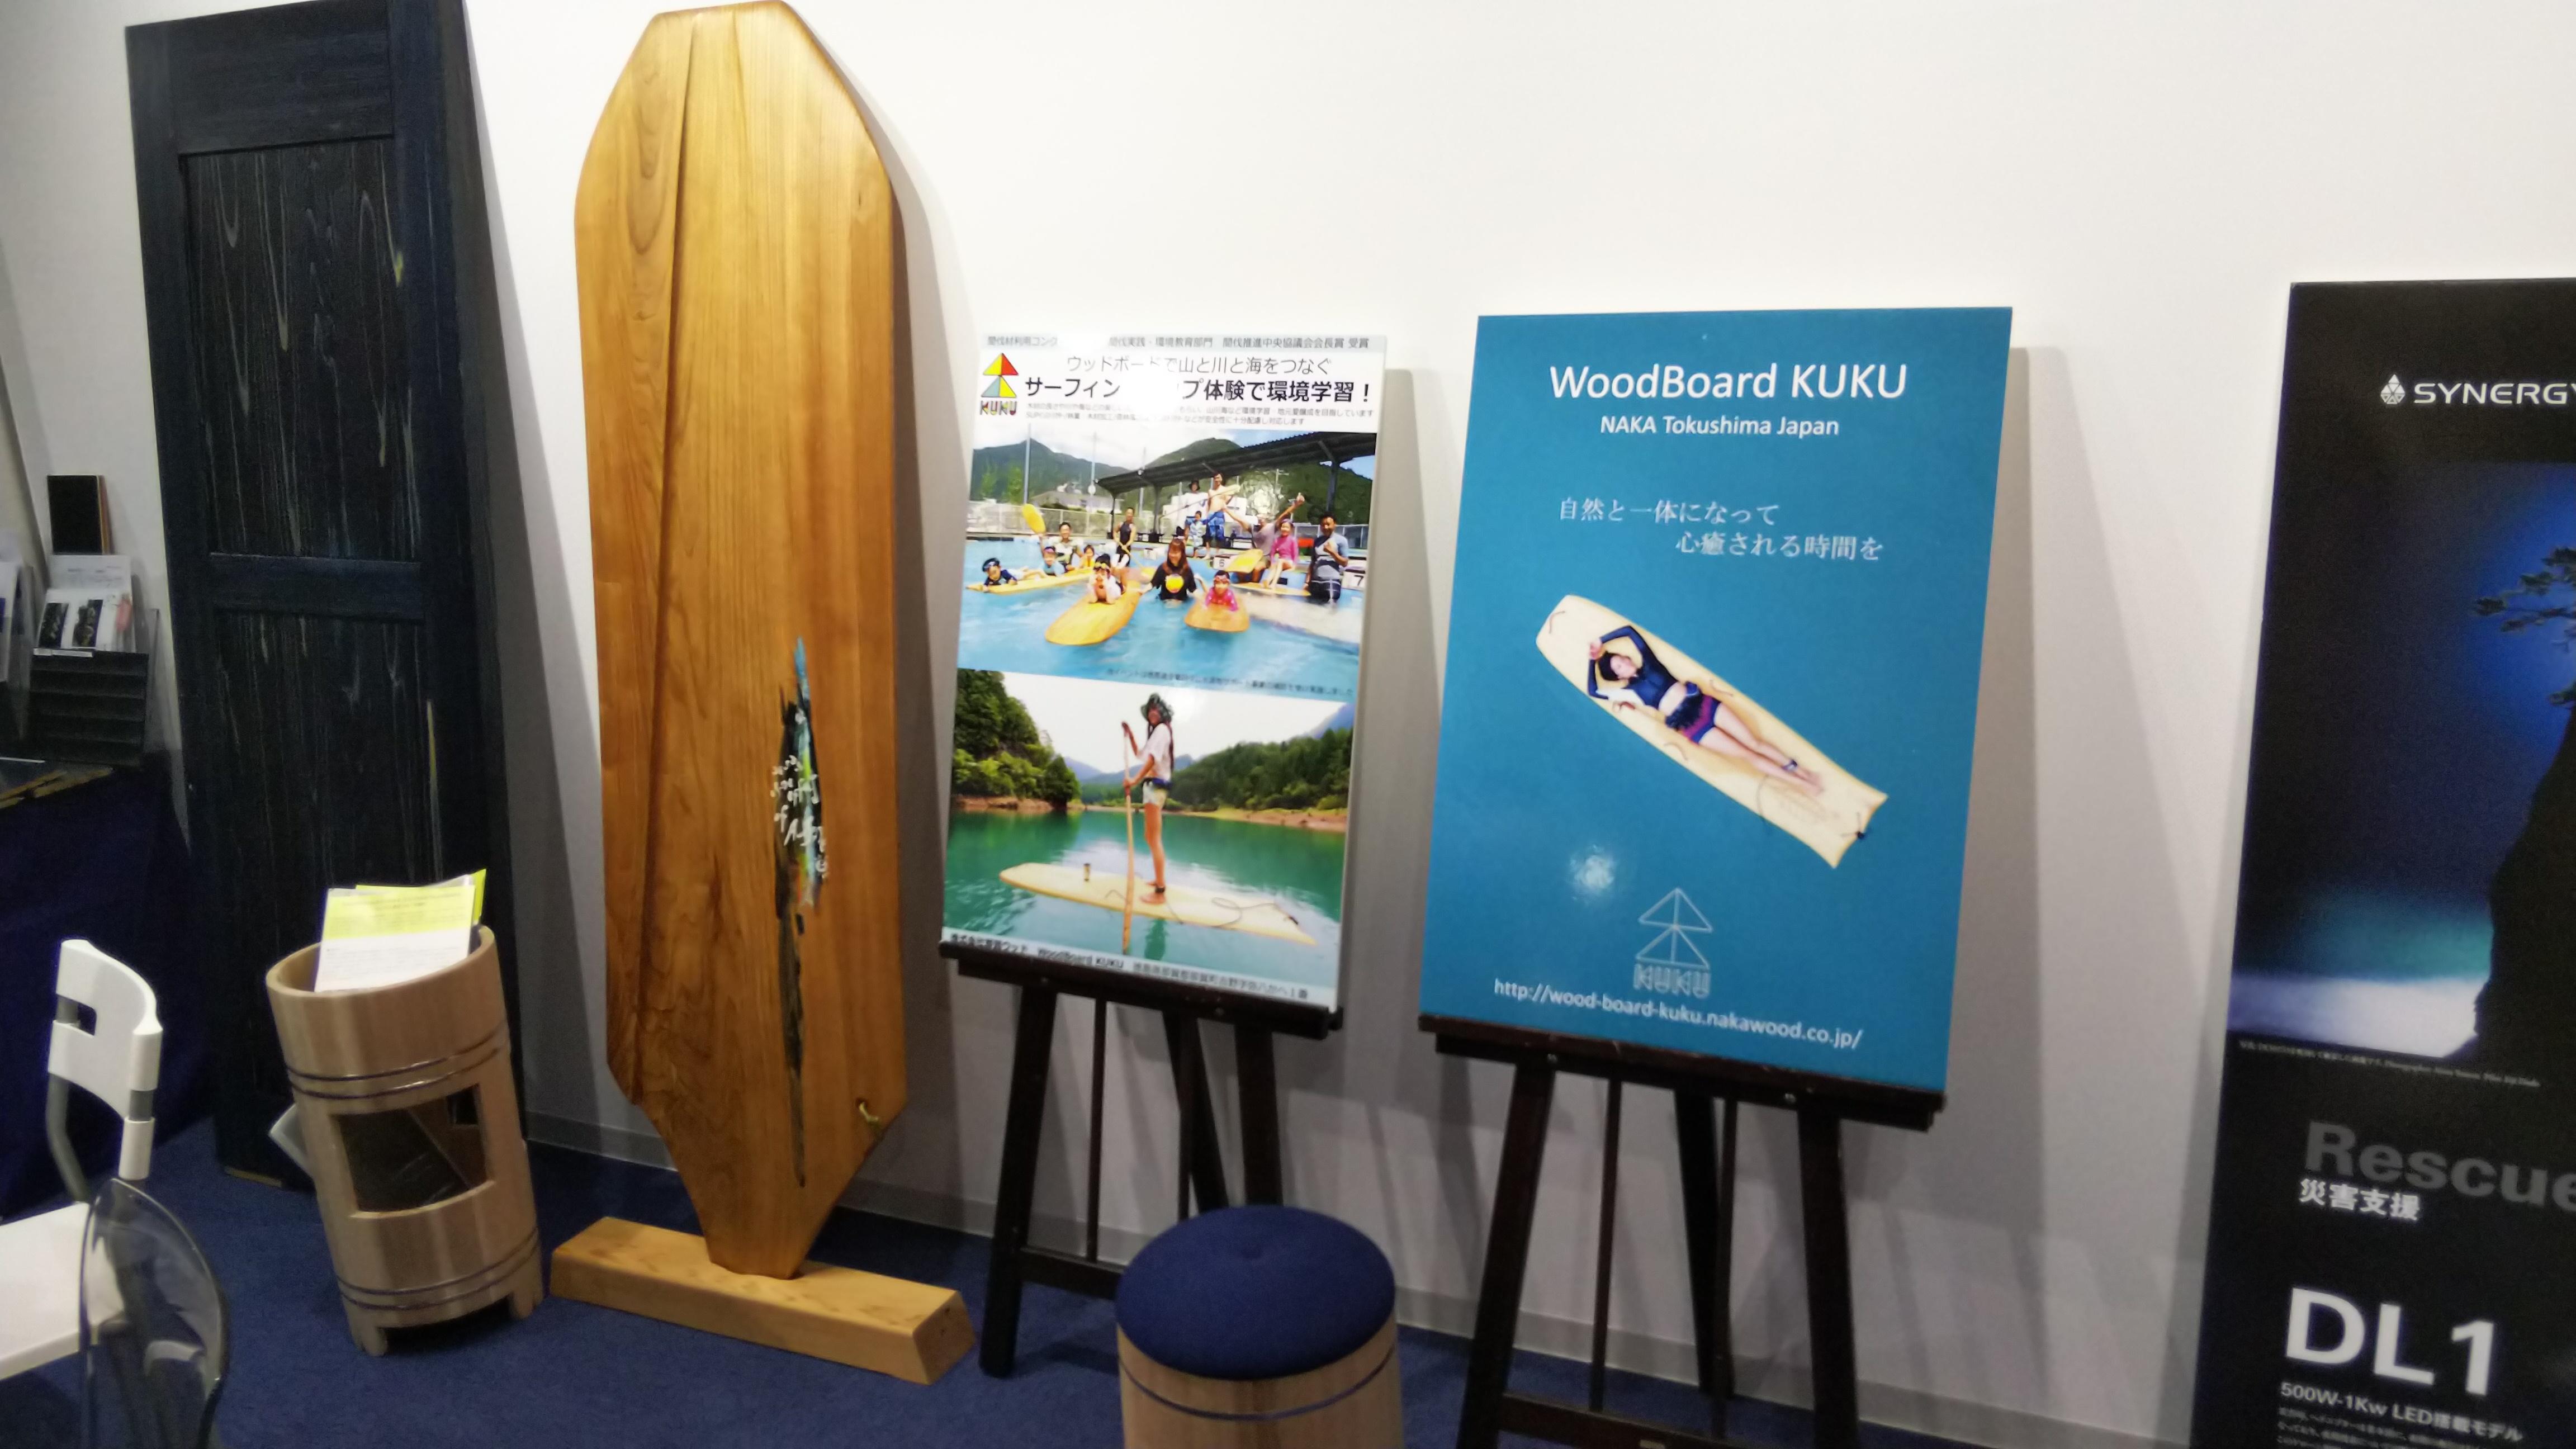 新宿オゾンのblue×2 Tokushimaブースにウッドボード展示中!